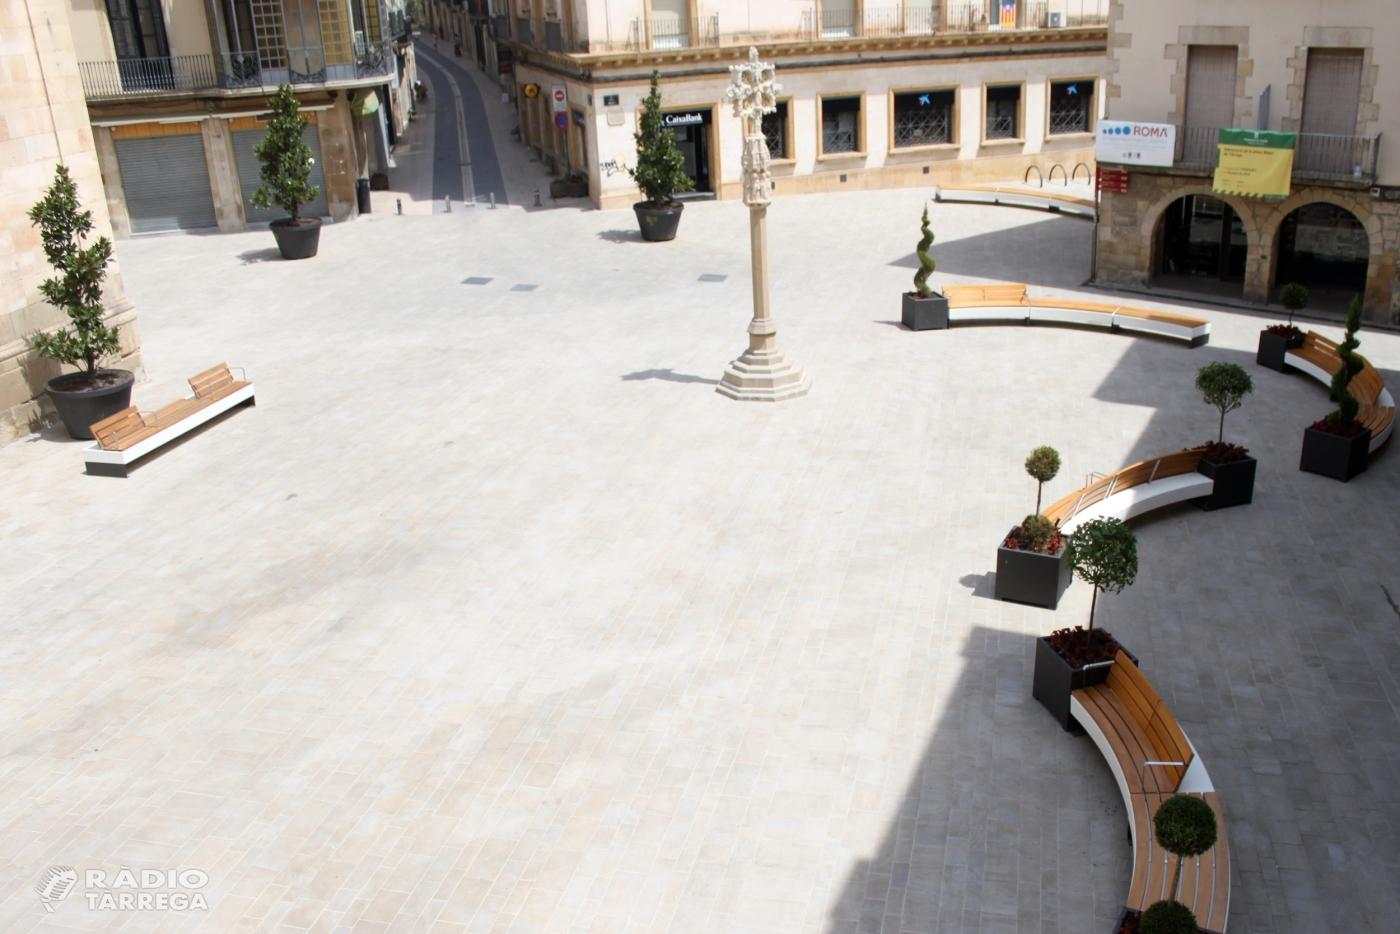 Tàrrega fixa la nova ordenació del trànsit a la plaça Major, que permetrà l'accés a vehicles de persones amb d'altres capacitats i per a usos de càrrega i descàrrega